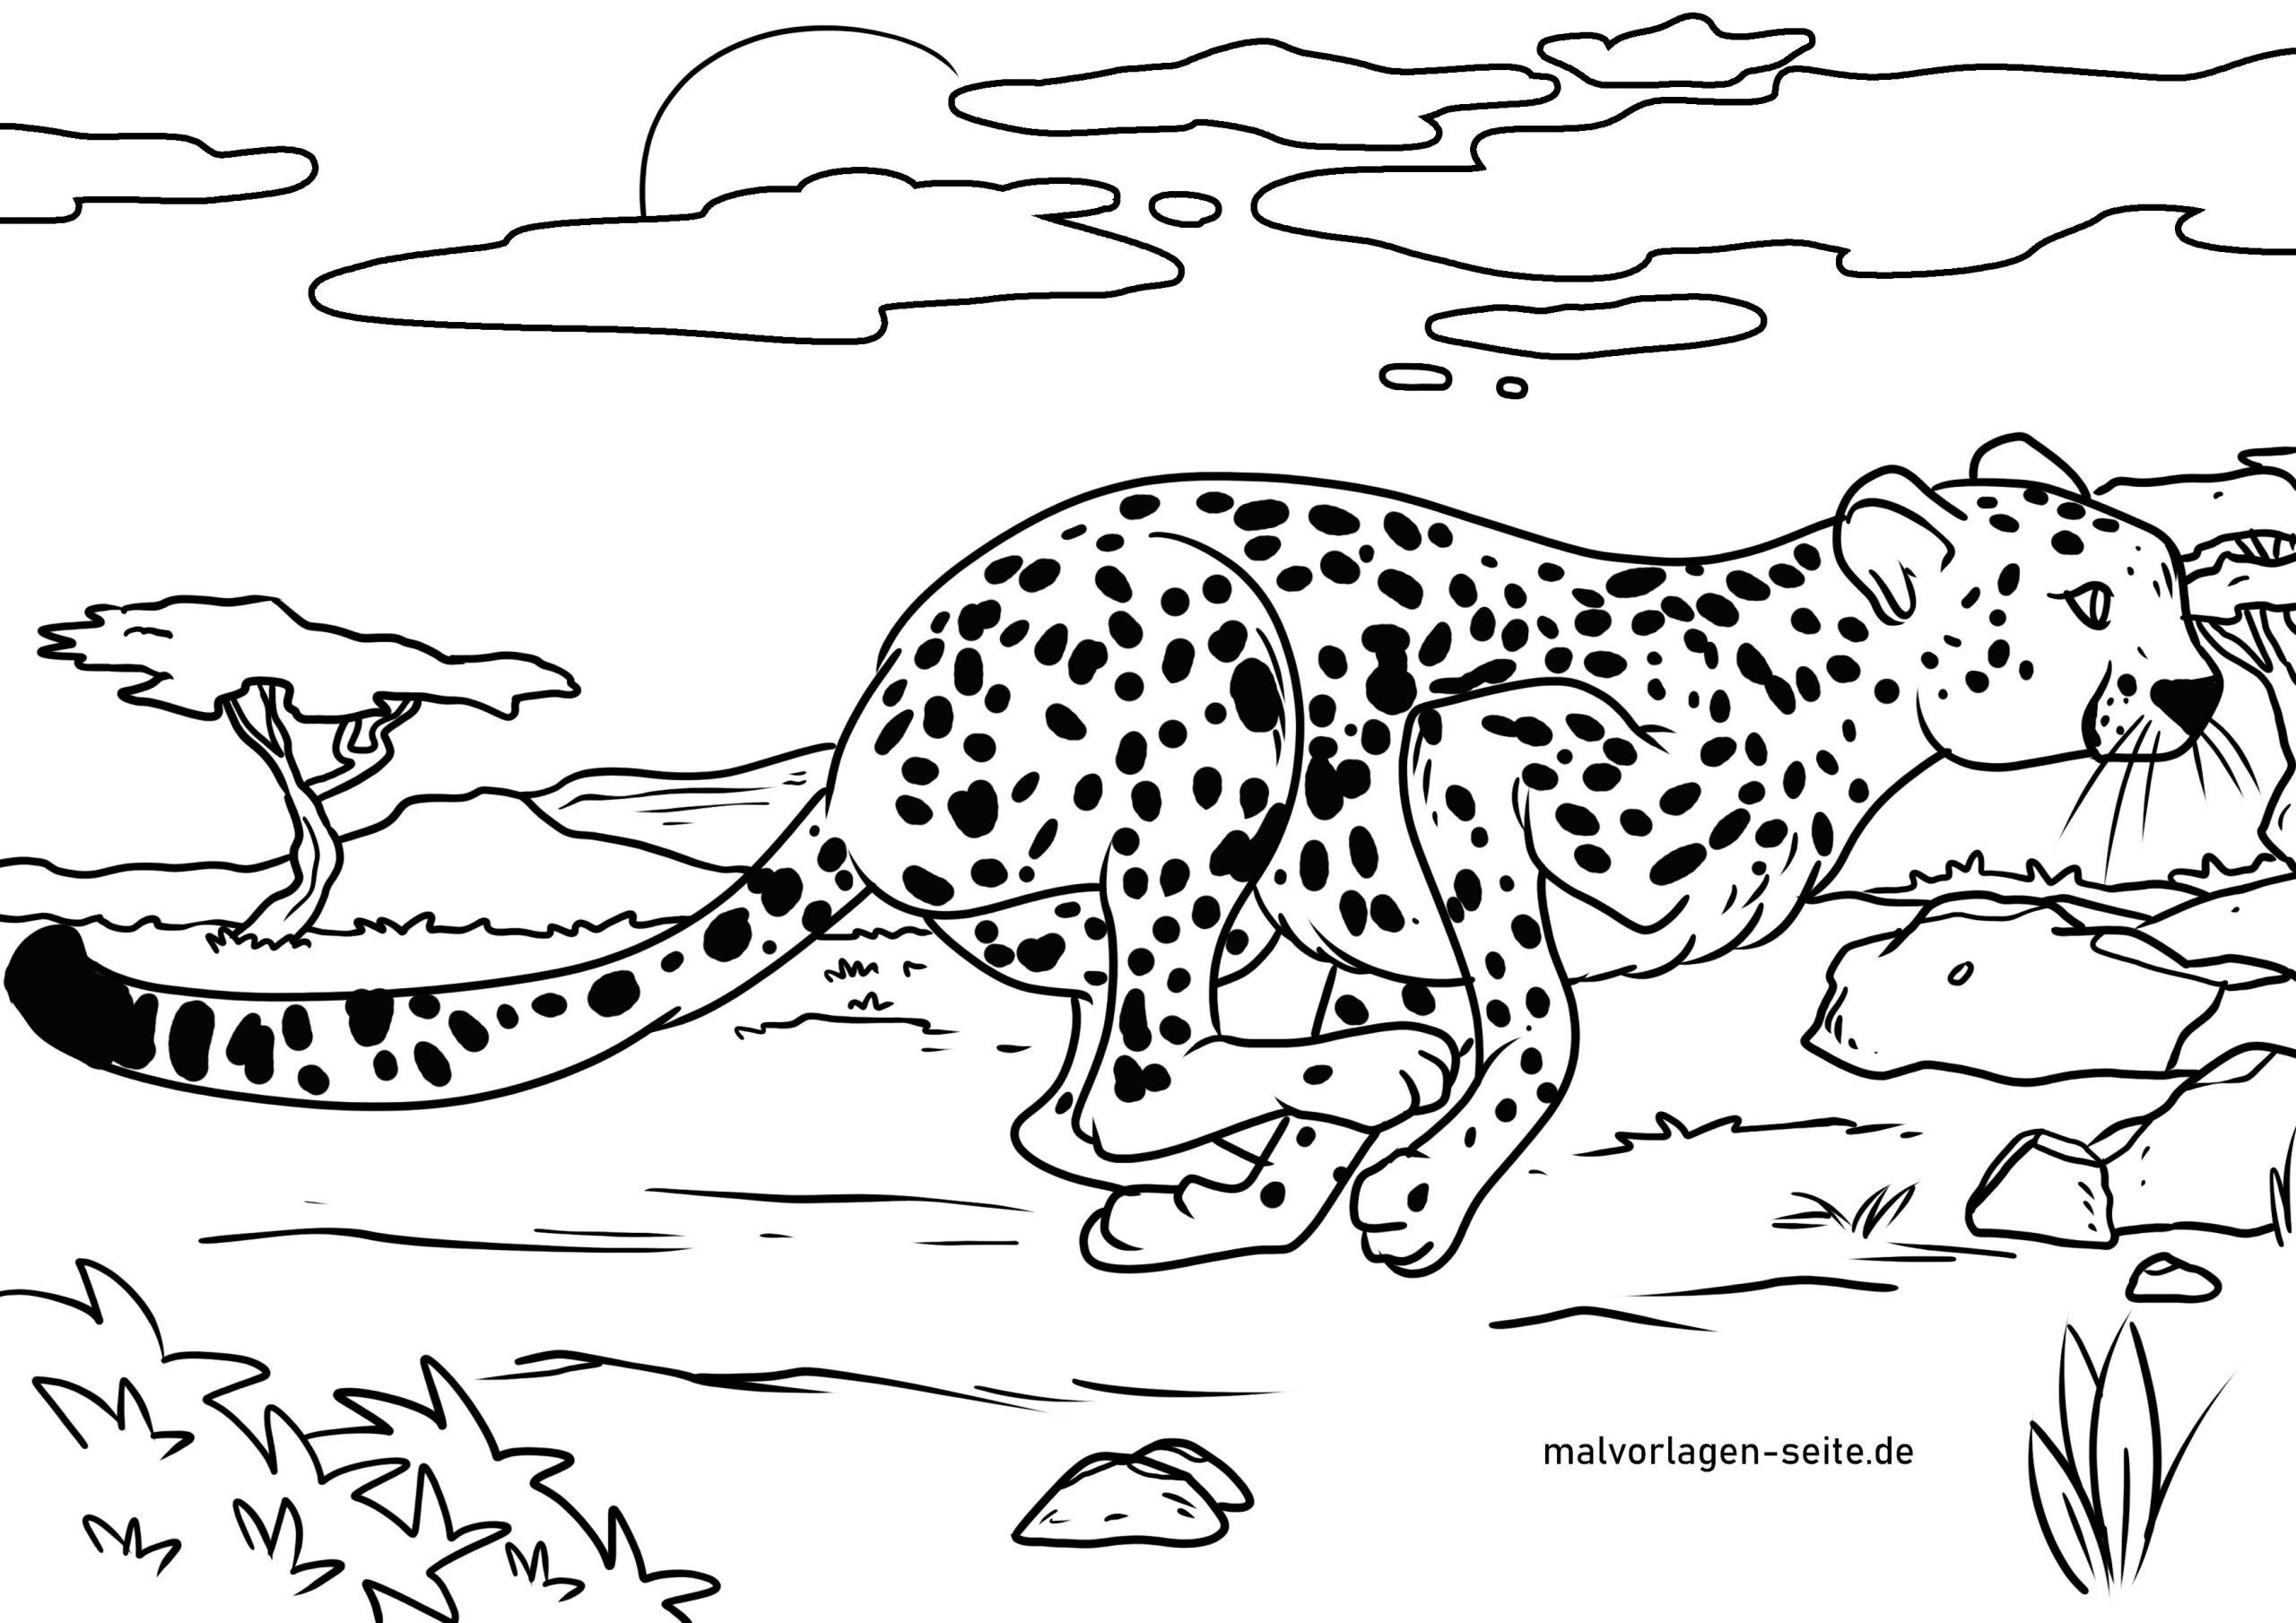 Malvorlage Gepard | Tiere - Ausmalbilder Kostenlos Herunterladen bestimmt für Malvorlagen Kostenlos Tiere